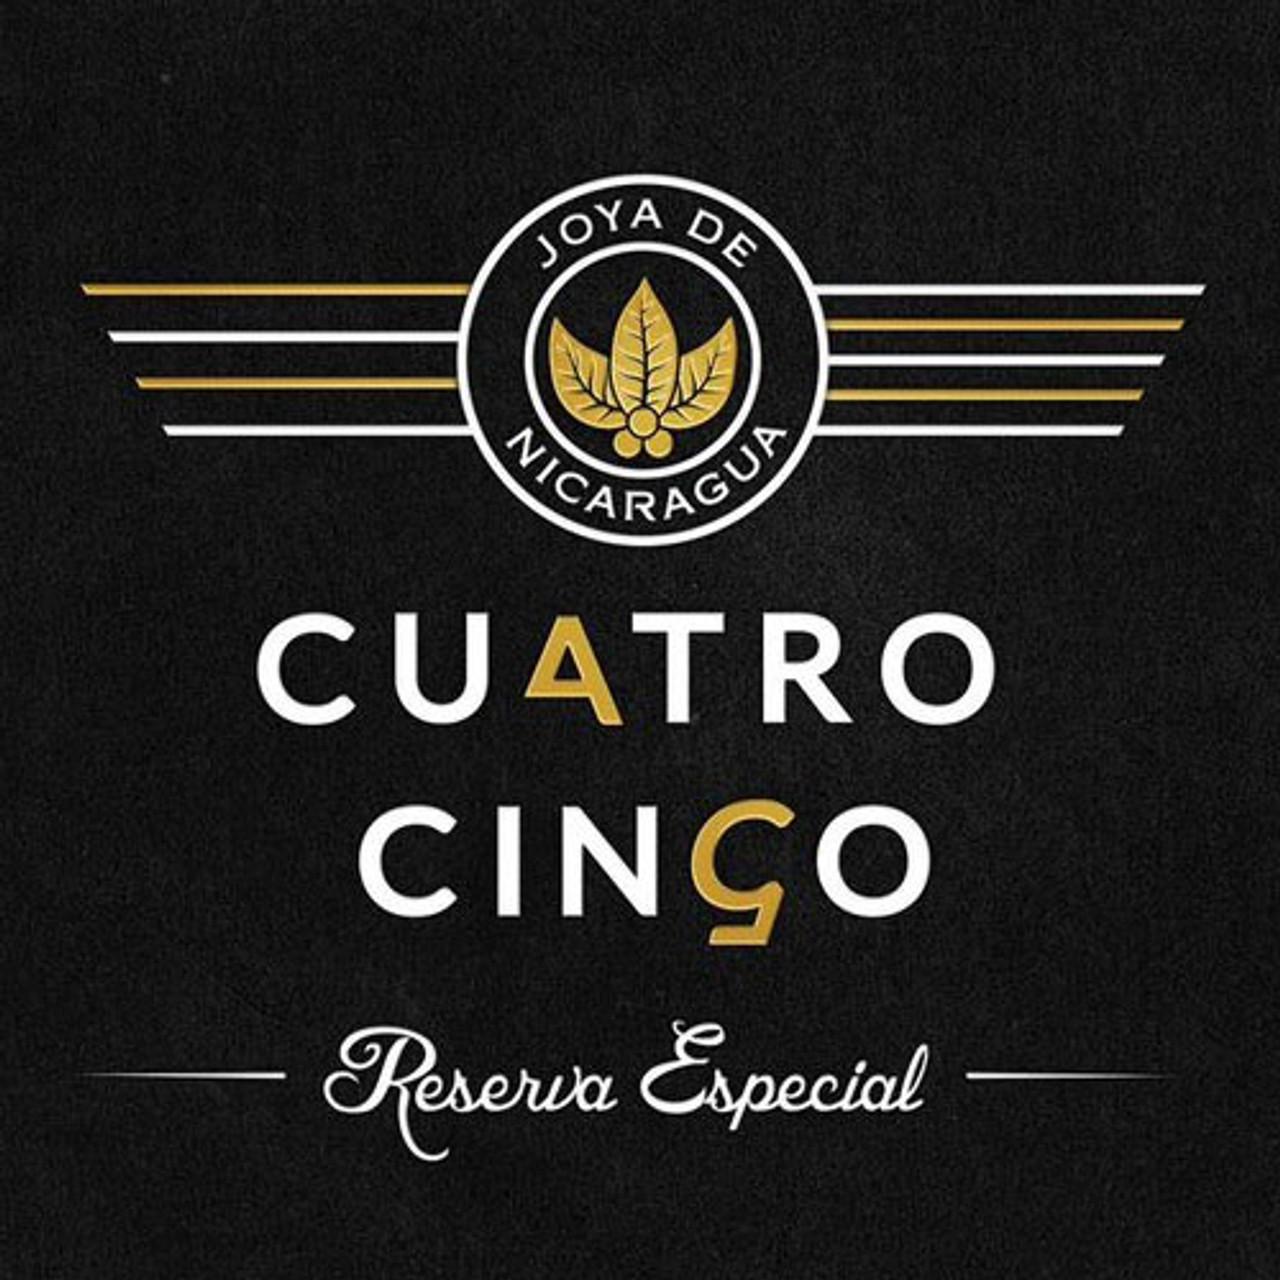 Joya de Nicaragua Cuatro Cinco Reserva Especial Petit Corona Cigars - 4.5 x 46 (Box of 10)